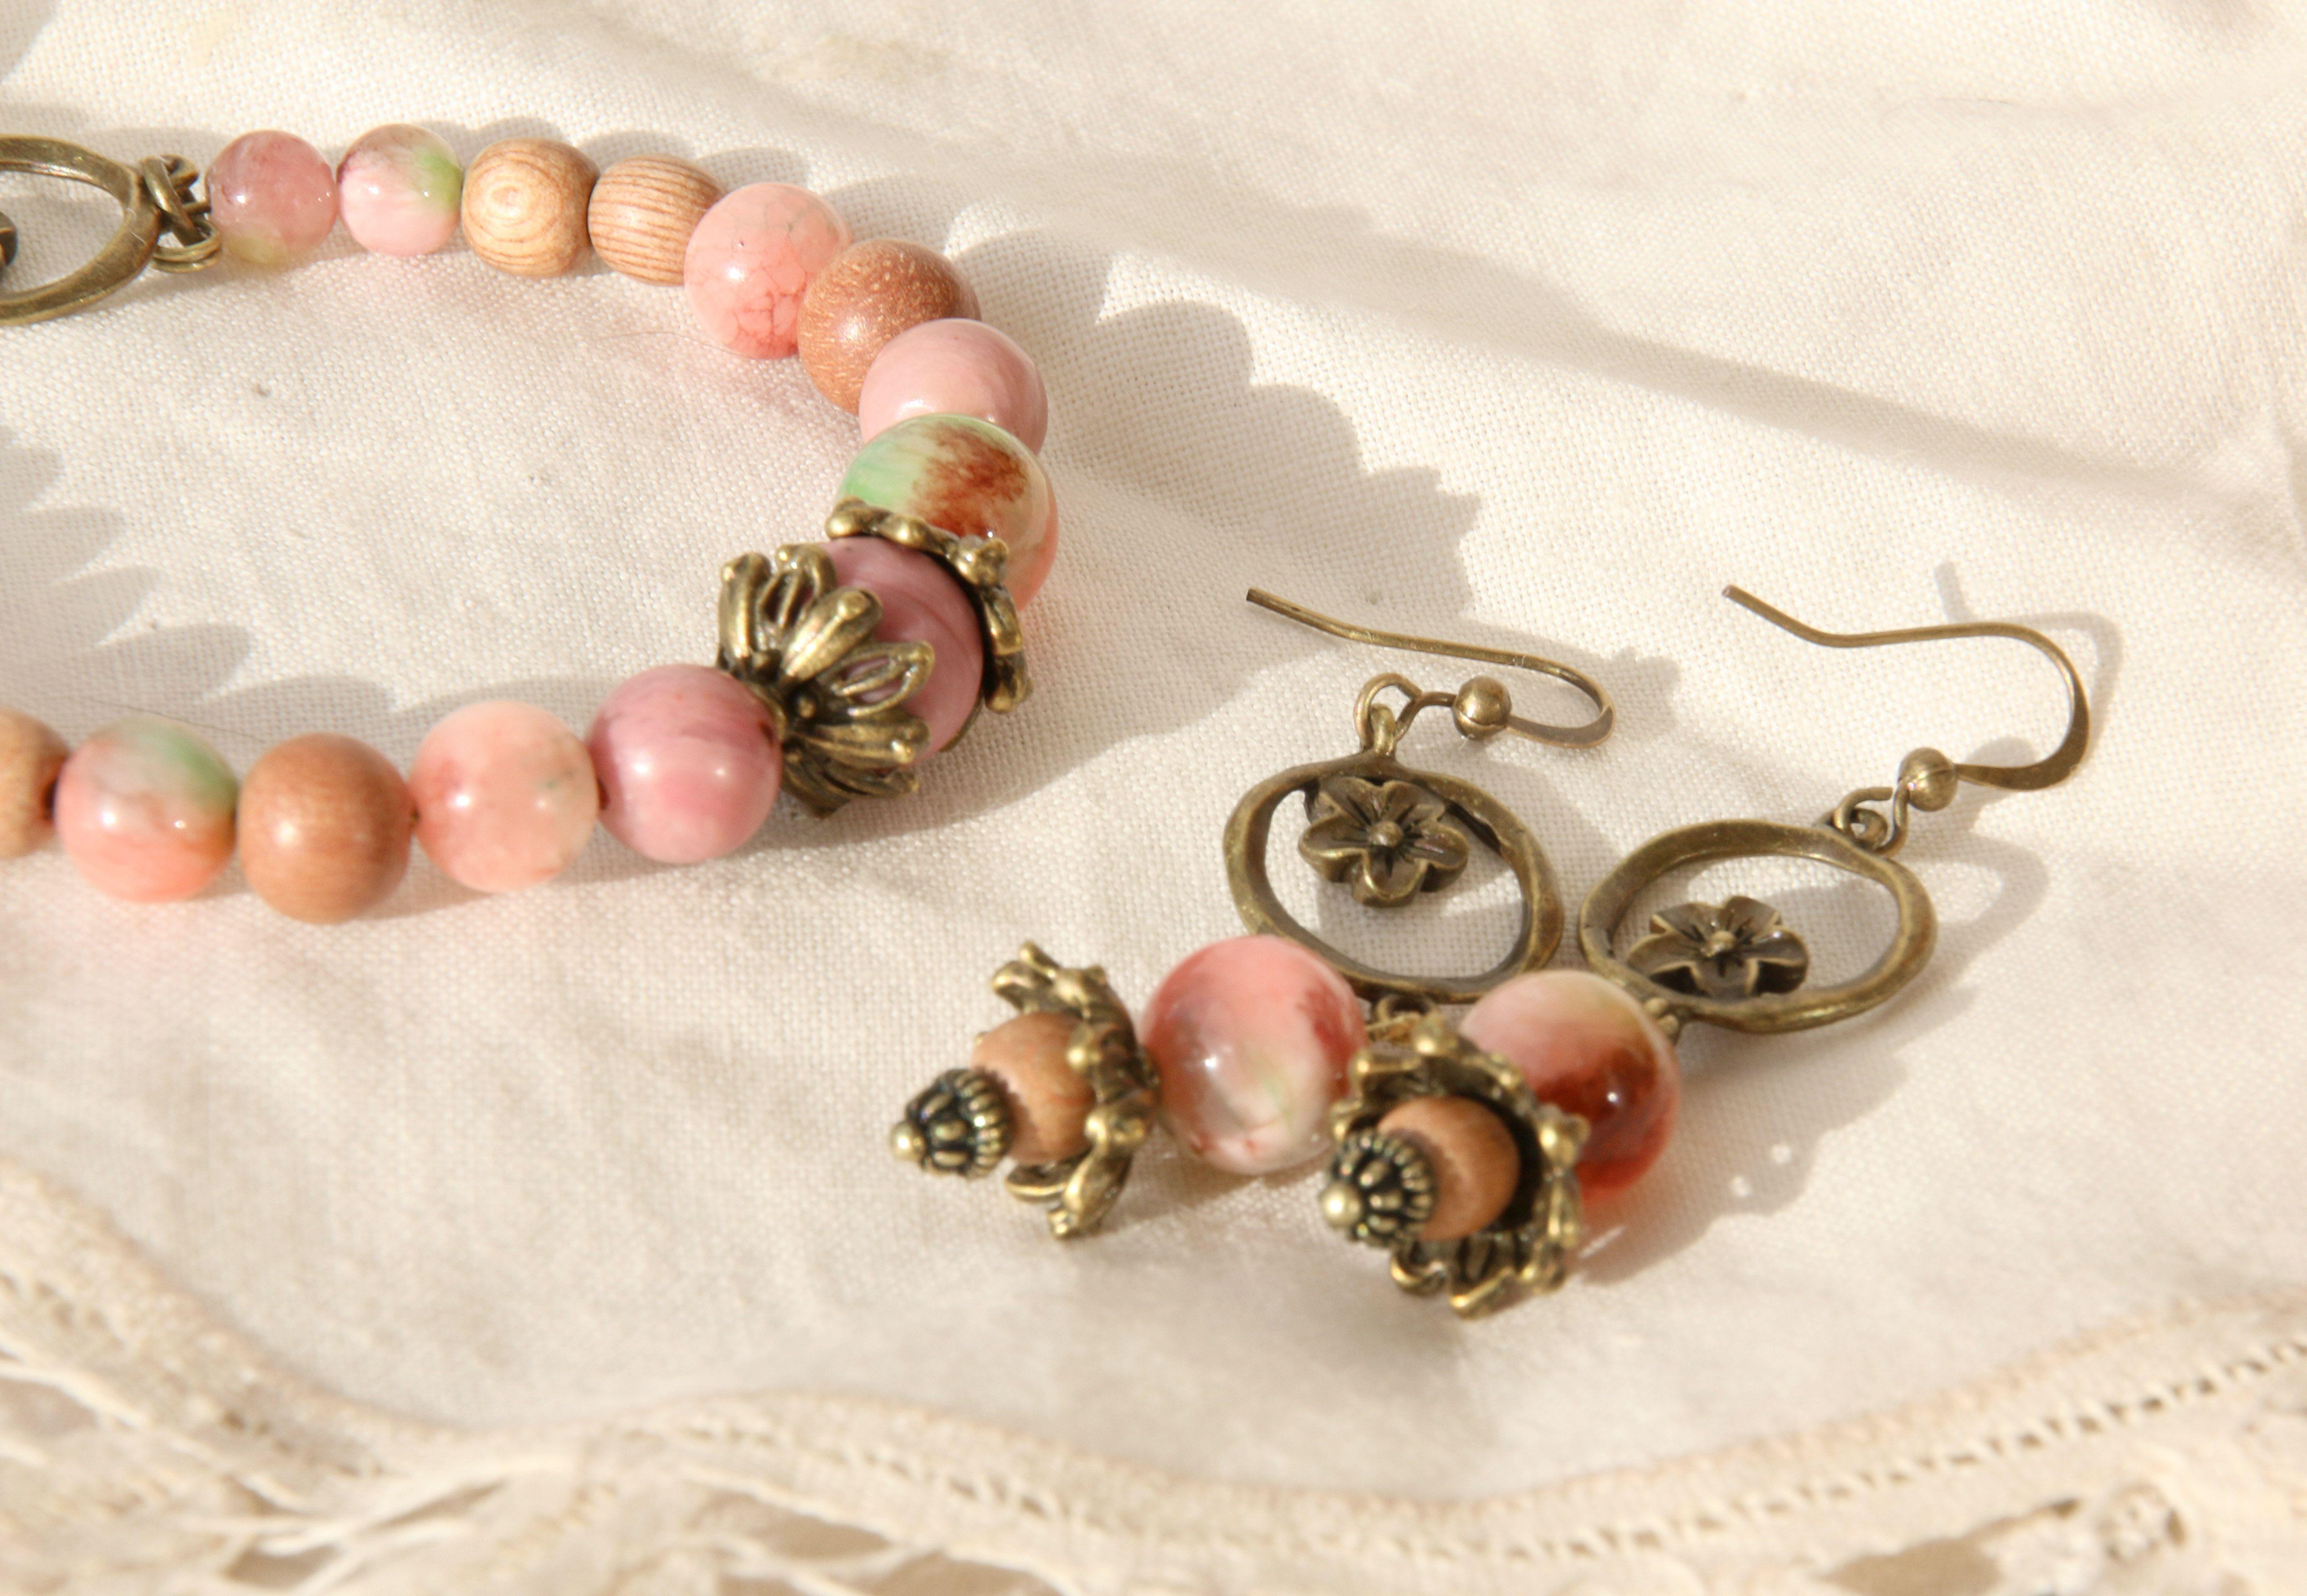 бронзовый сад серьги браслет природные розовый камни украшения авторские яблочный натуральные винтаж